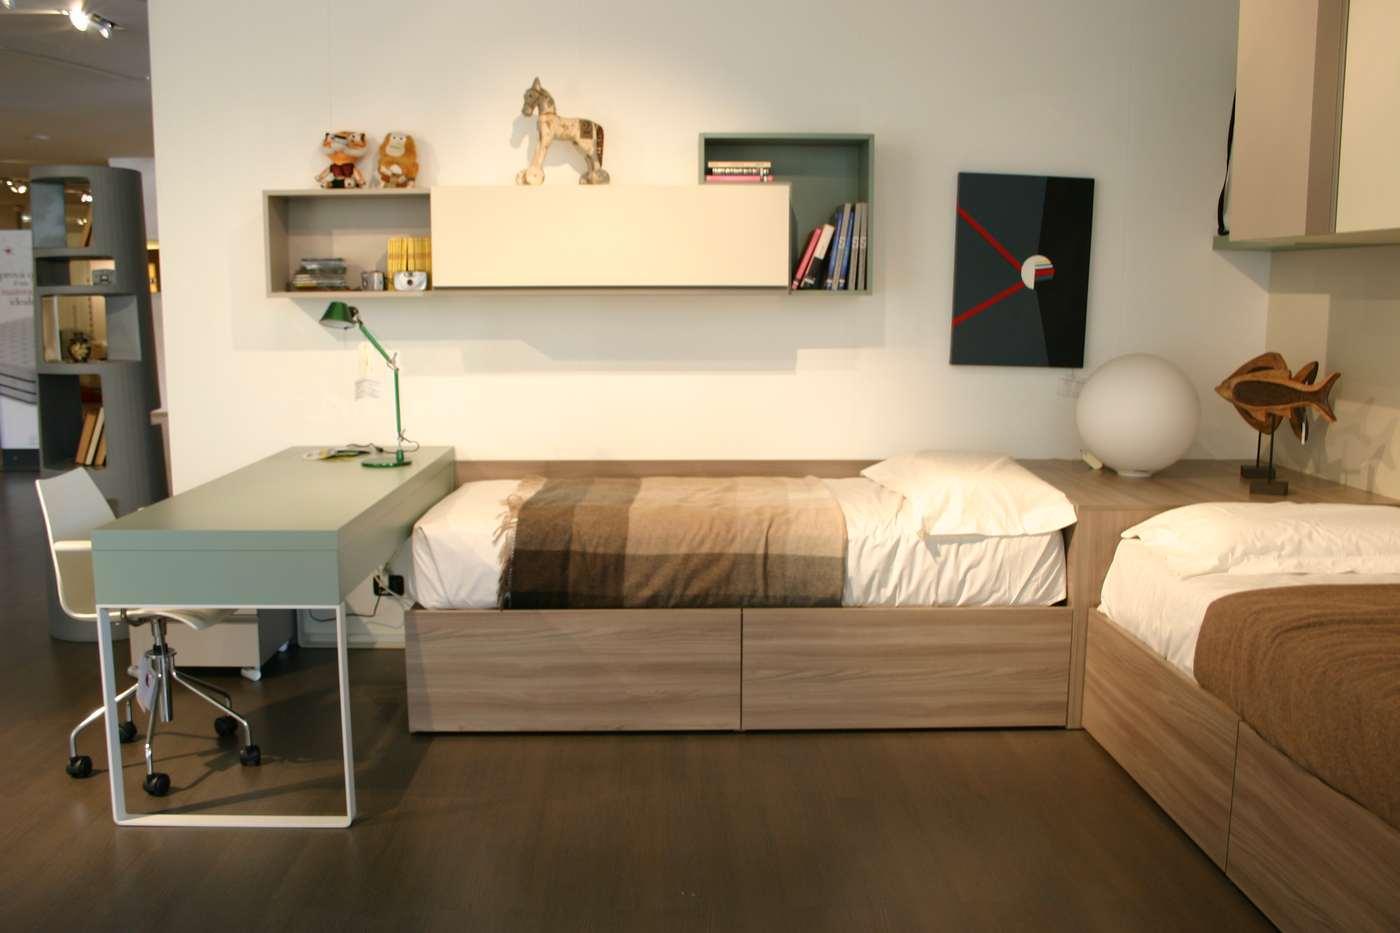 cameretta Clever con scrivania, letti a parete ad angolo, armadio a ponte, mensole,